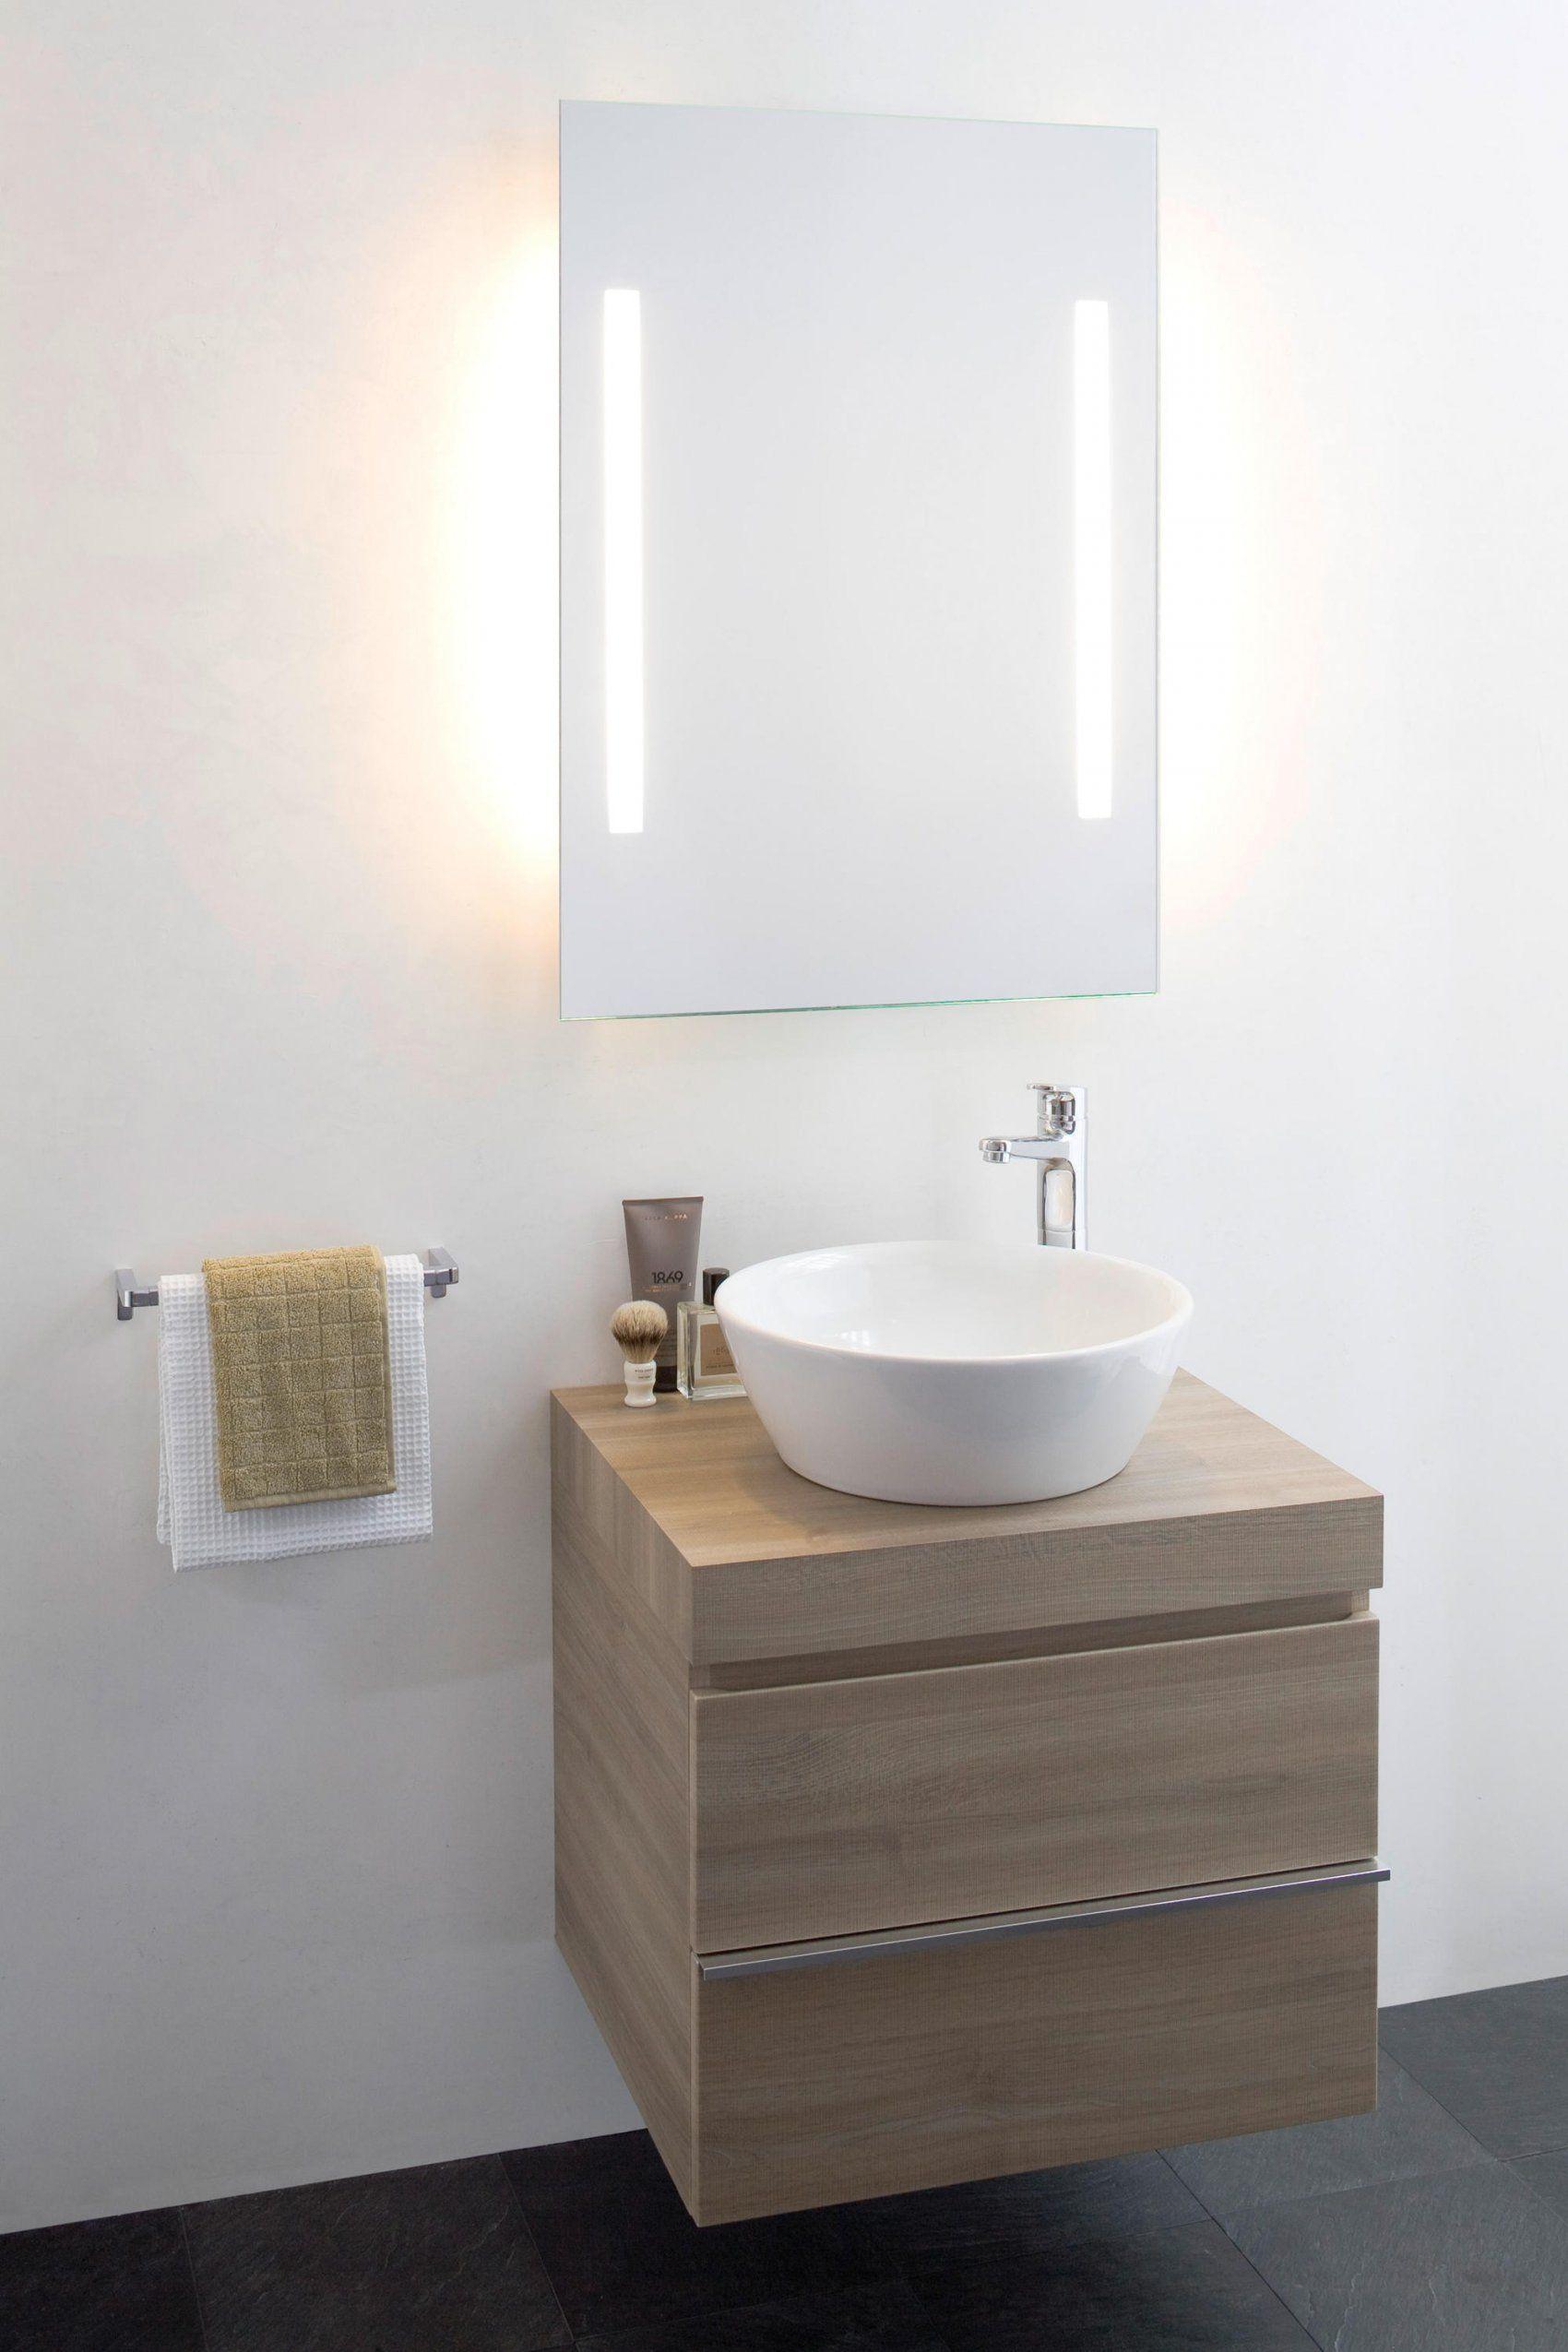 Waschtisch Schale Mit Unterschrank Home Design Inspiration Von Waschtisch Schale Mit Unterschrank Unterschrank Unterschrank Waschbecken Waschtisch